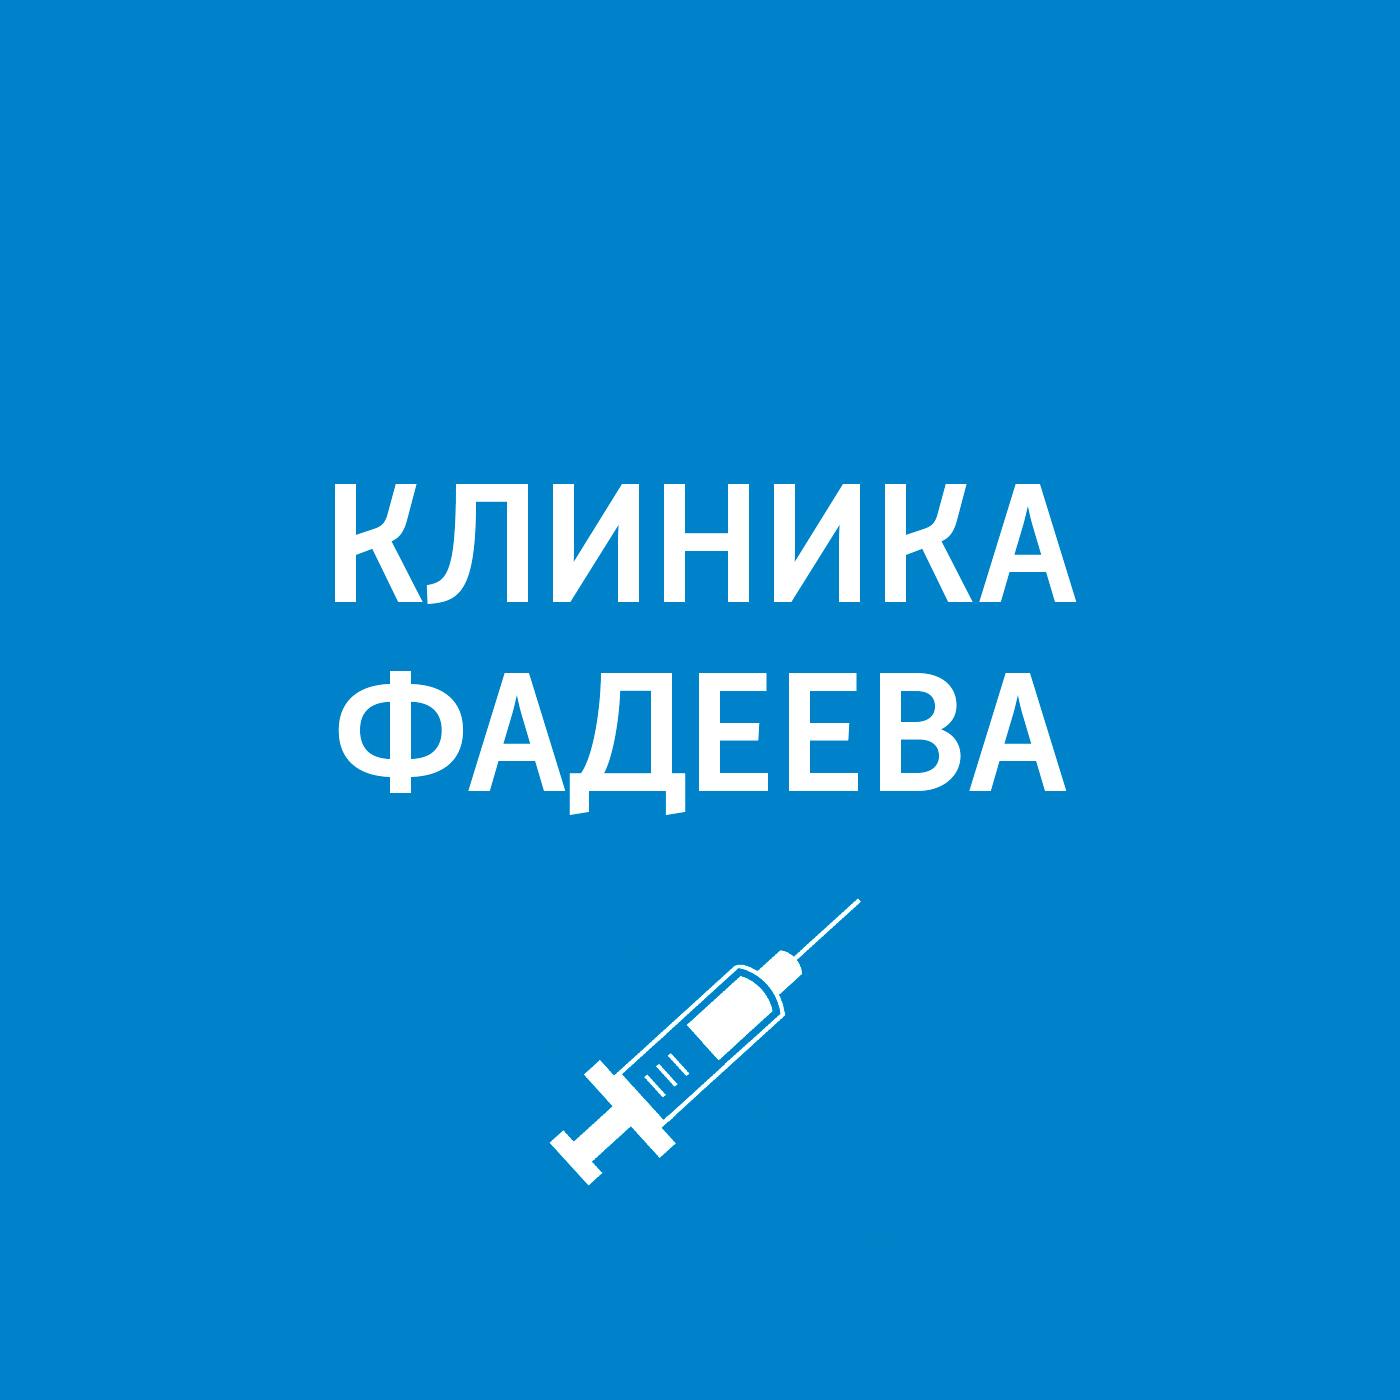 Пётр Фадеев Гастроэнтеролог цена 2017